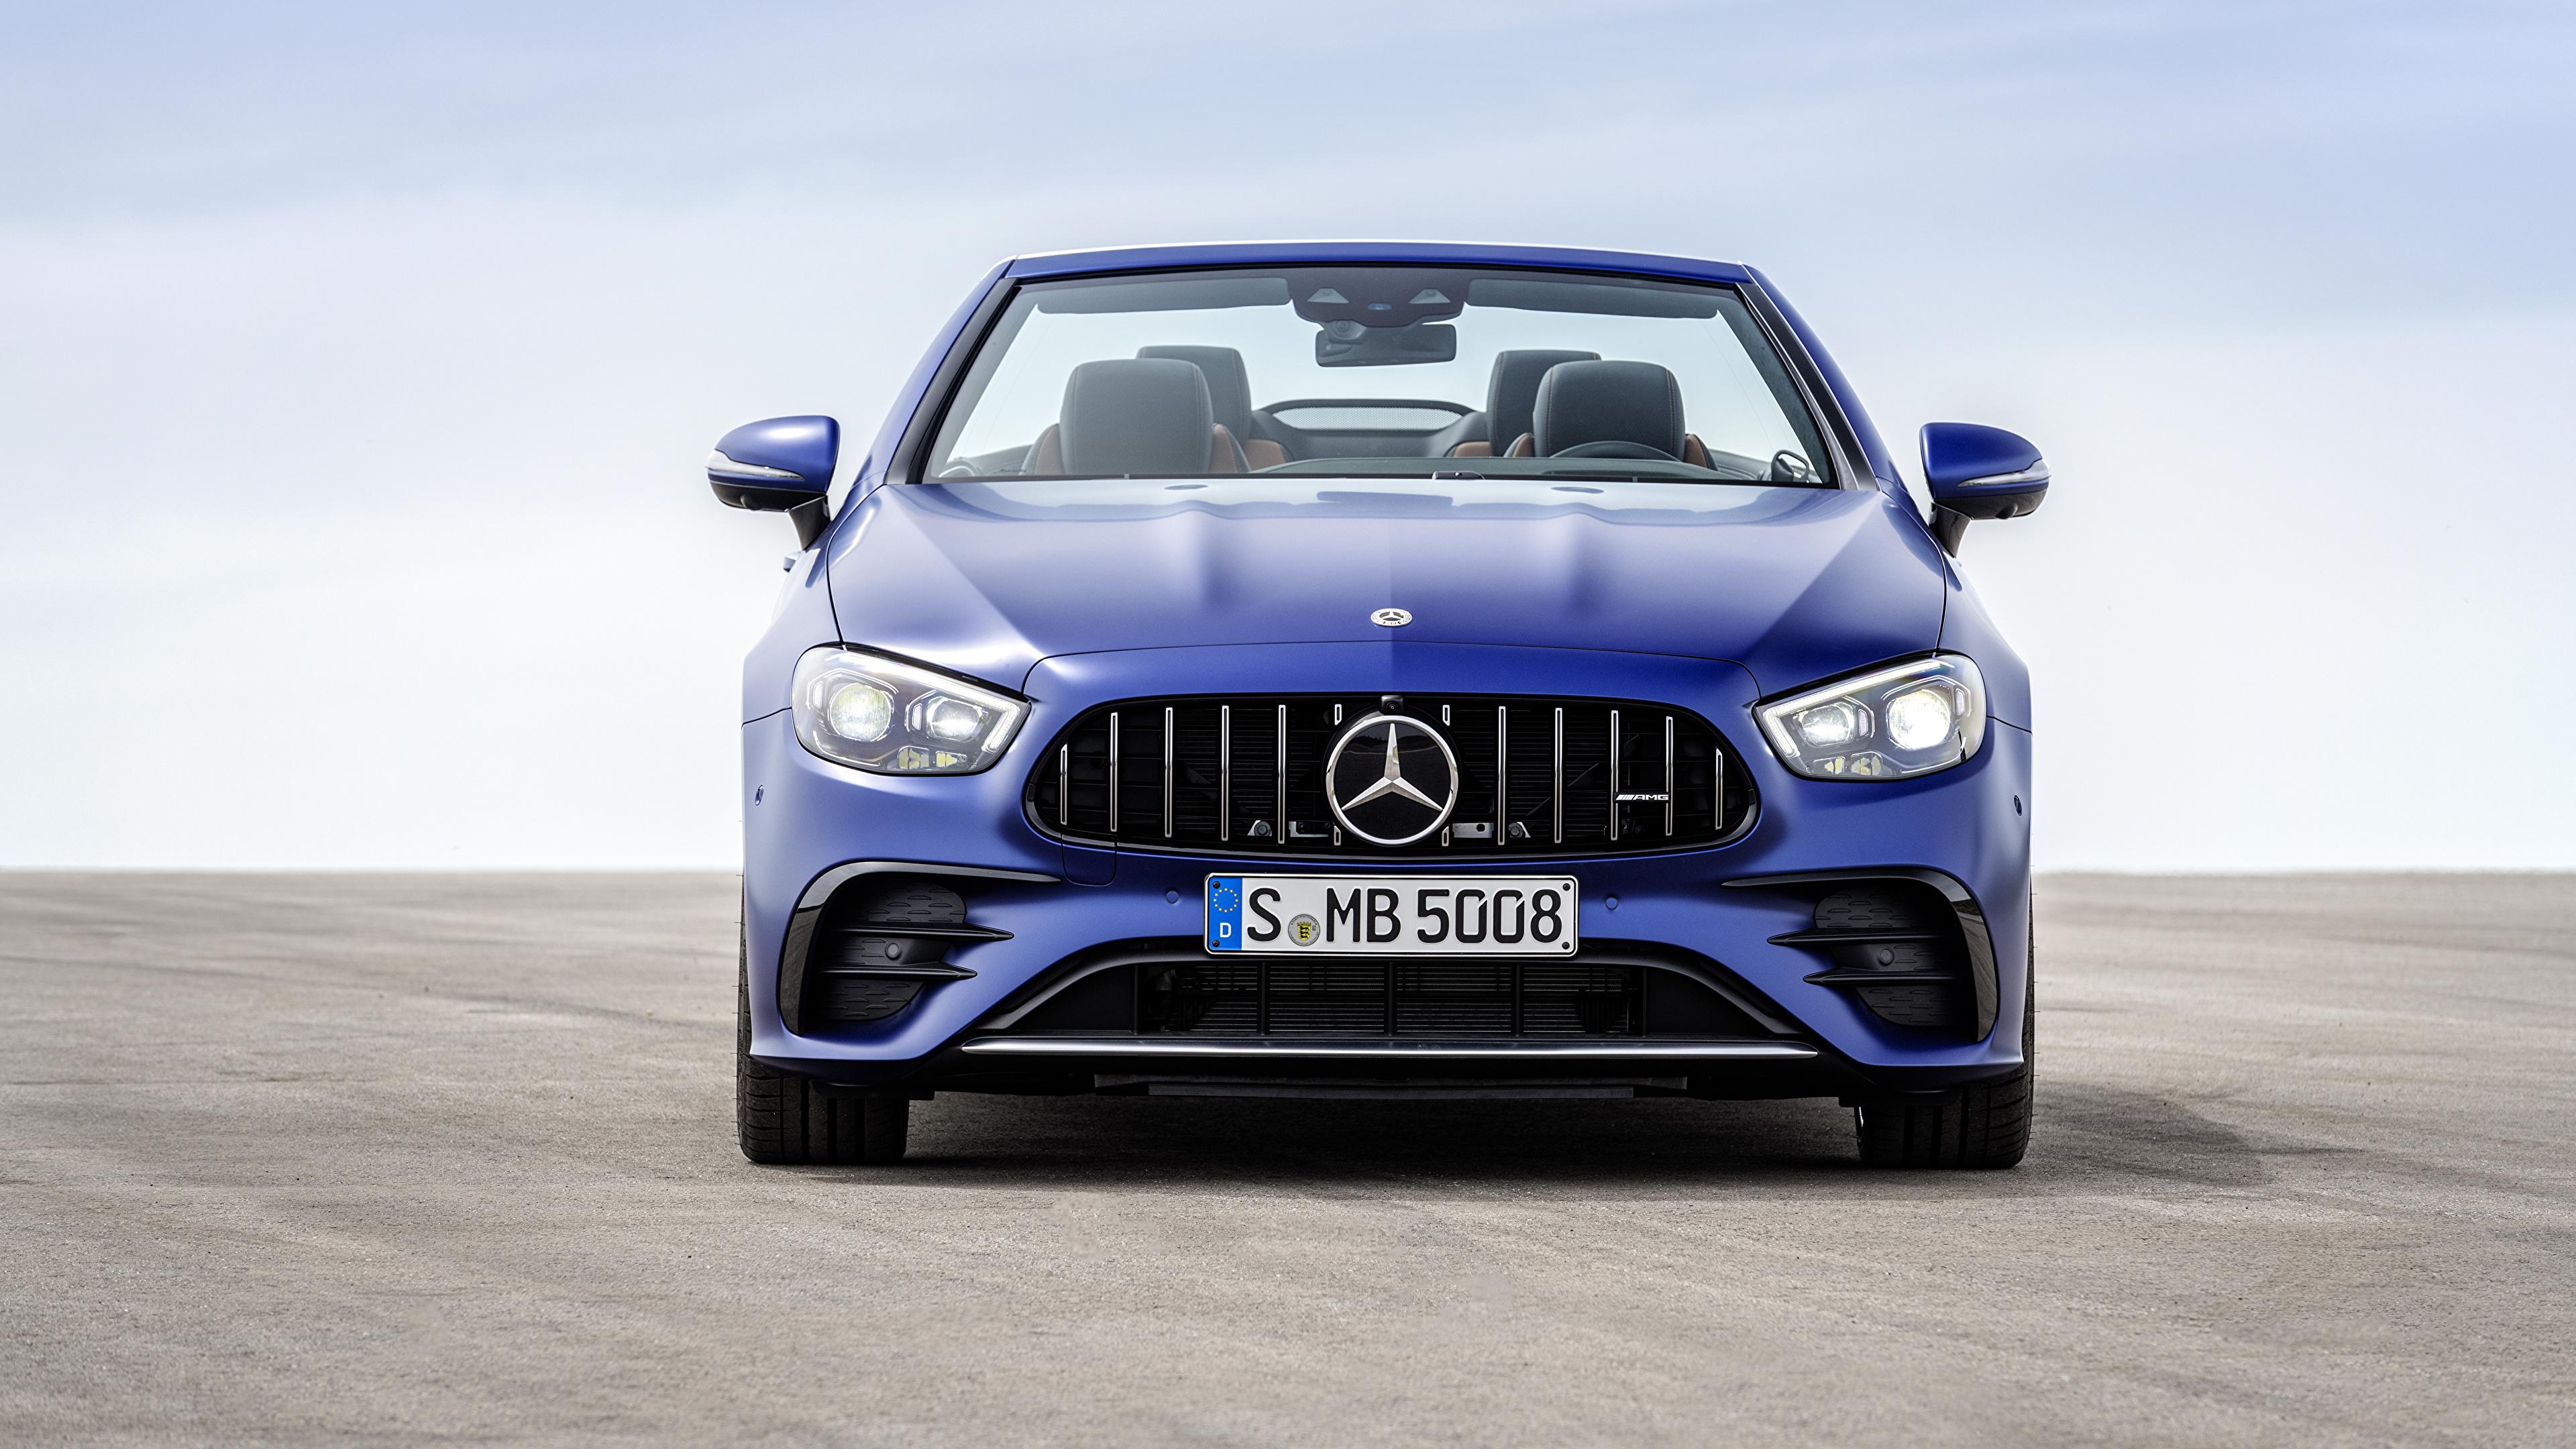 Bilder Mercedes-Benz E 53 4MATIC, Cabrio Worldwide, A238, 2020 Cabriolet Blau auto Vorne Metallisch 3840x2160 Autos automobil